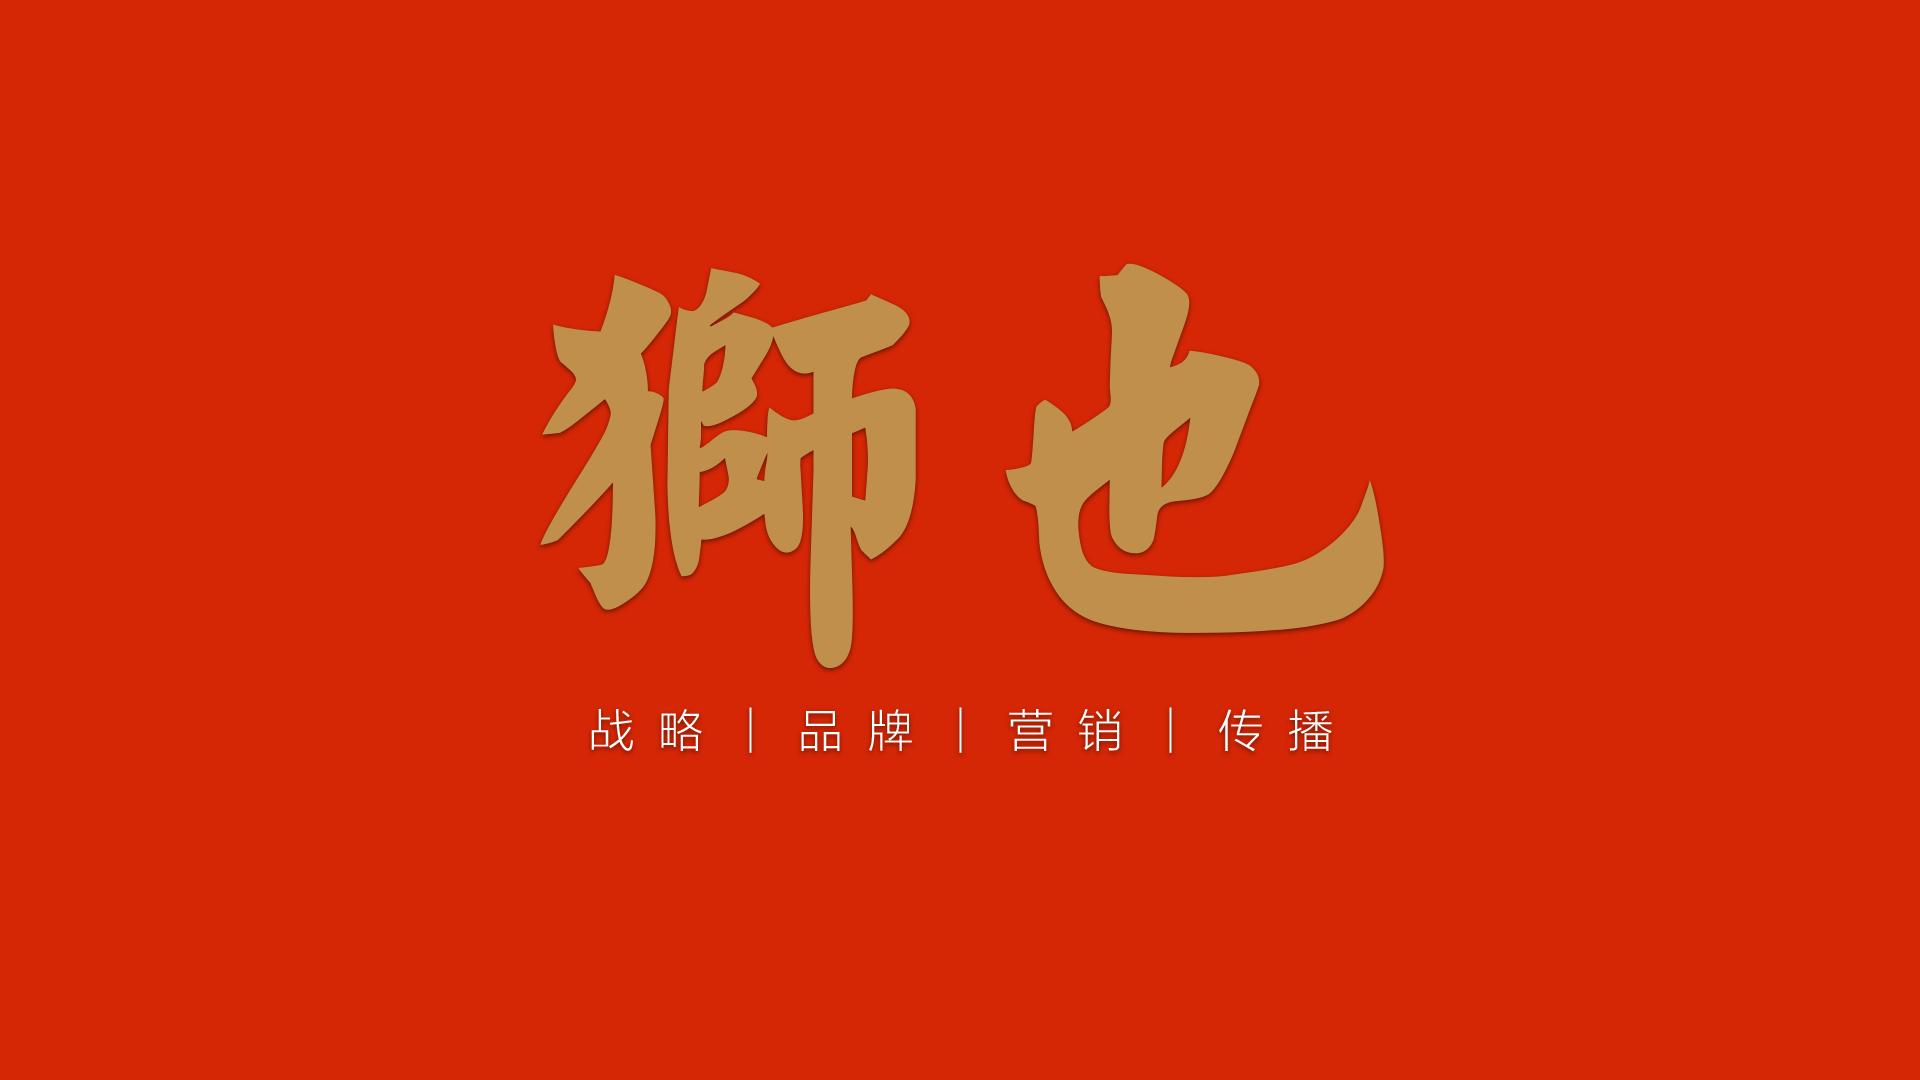 借势节日成常态 但疯狂营销背后还是绕不过这几招—山东济南狮也战略品牌营销策划咨询顾问公司